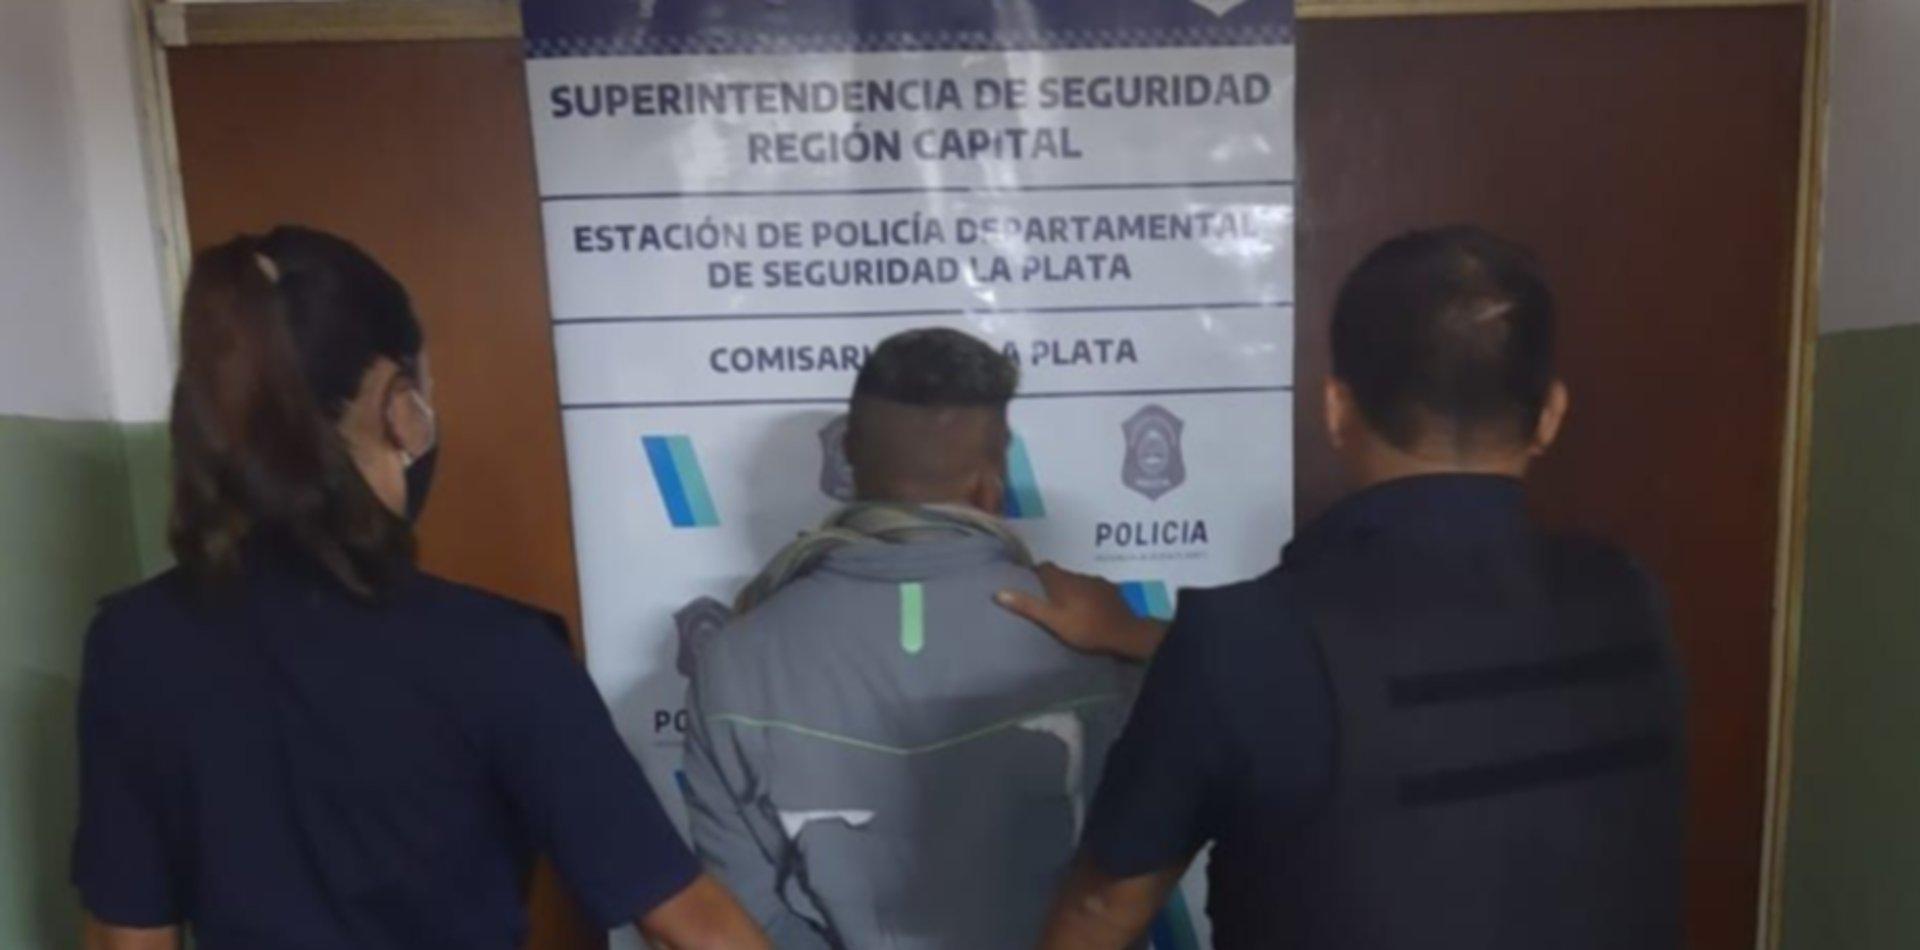 Cayó en la cancha de Estudiantes un hombre acusado de apuñalar a otro en Parque Saavedra